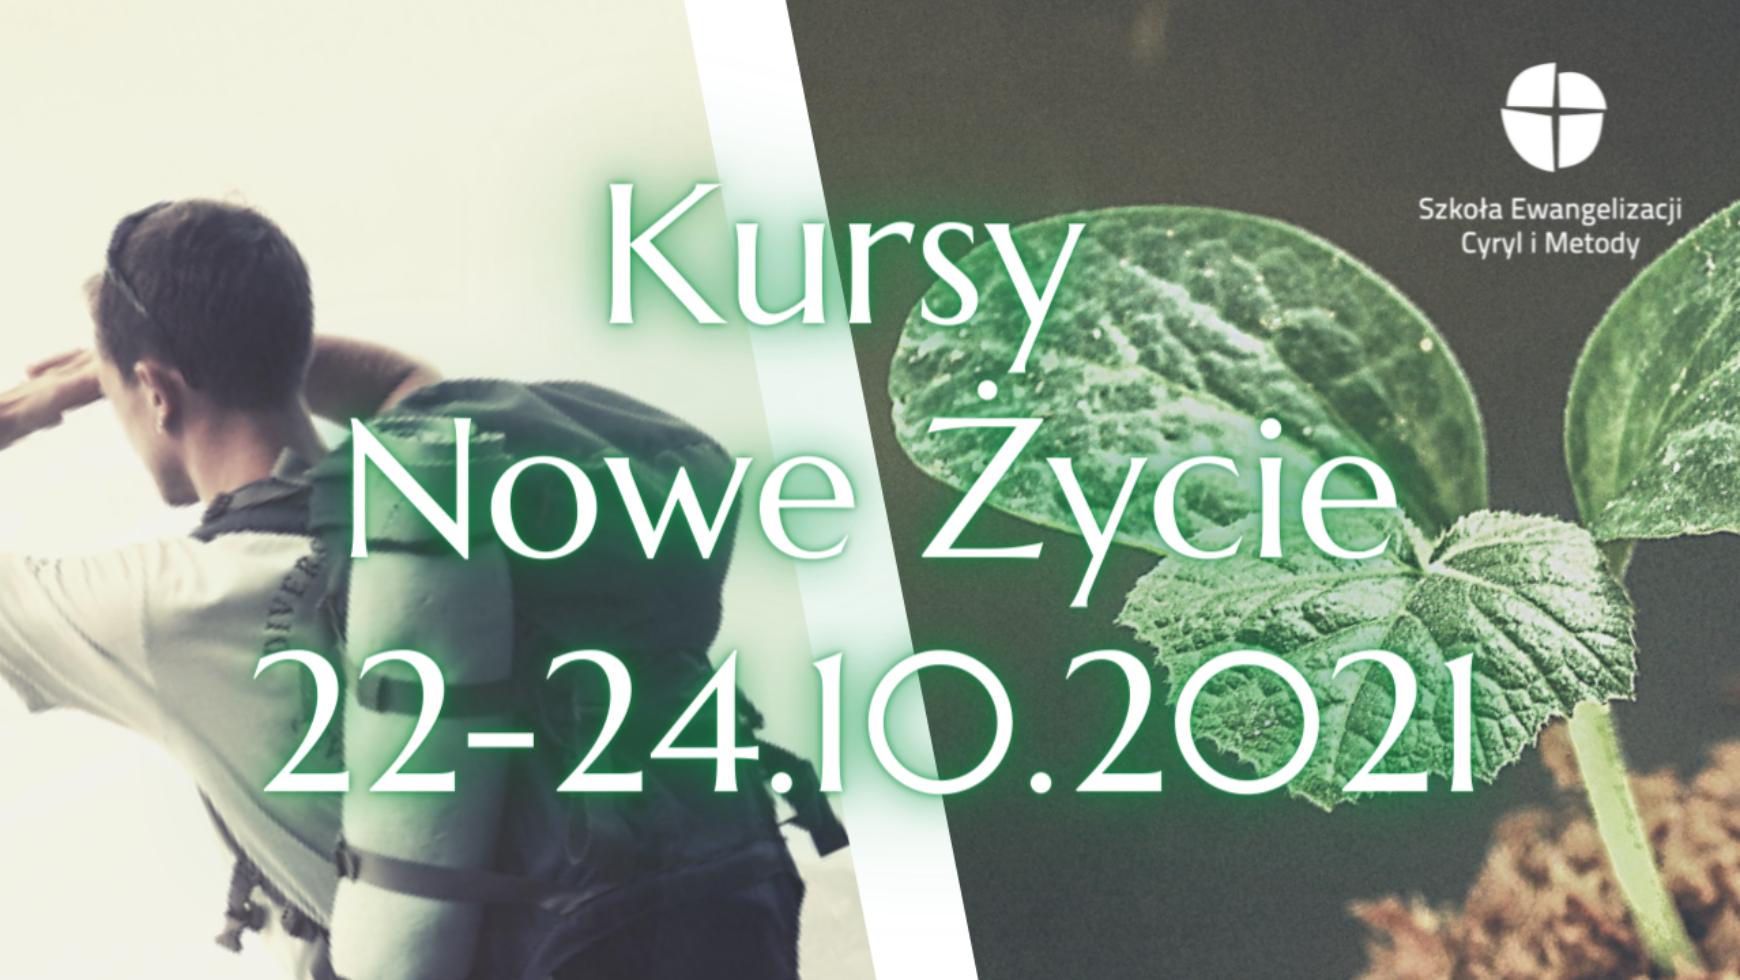 Kurs Nowe Życie, Bielsko-Biała i Katowice, 22-24.10.2021